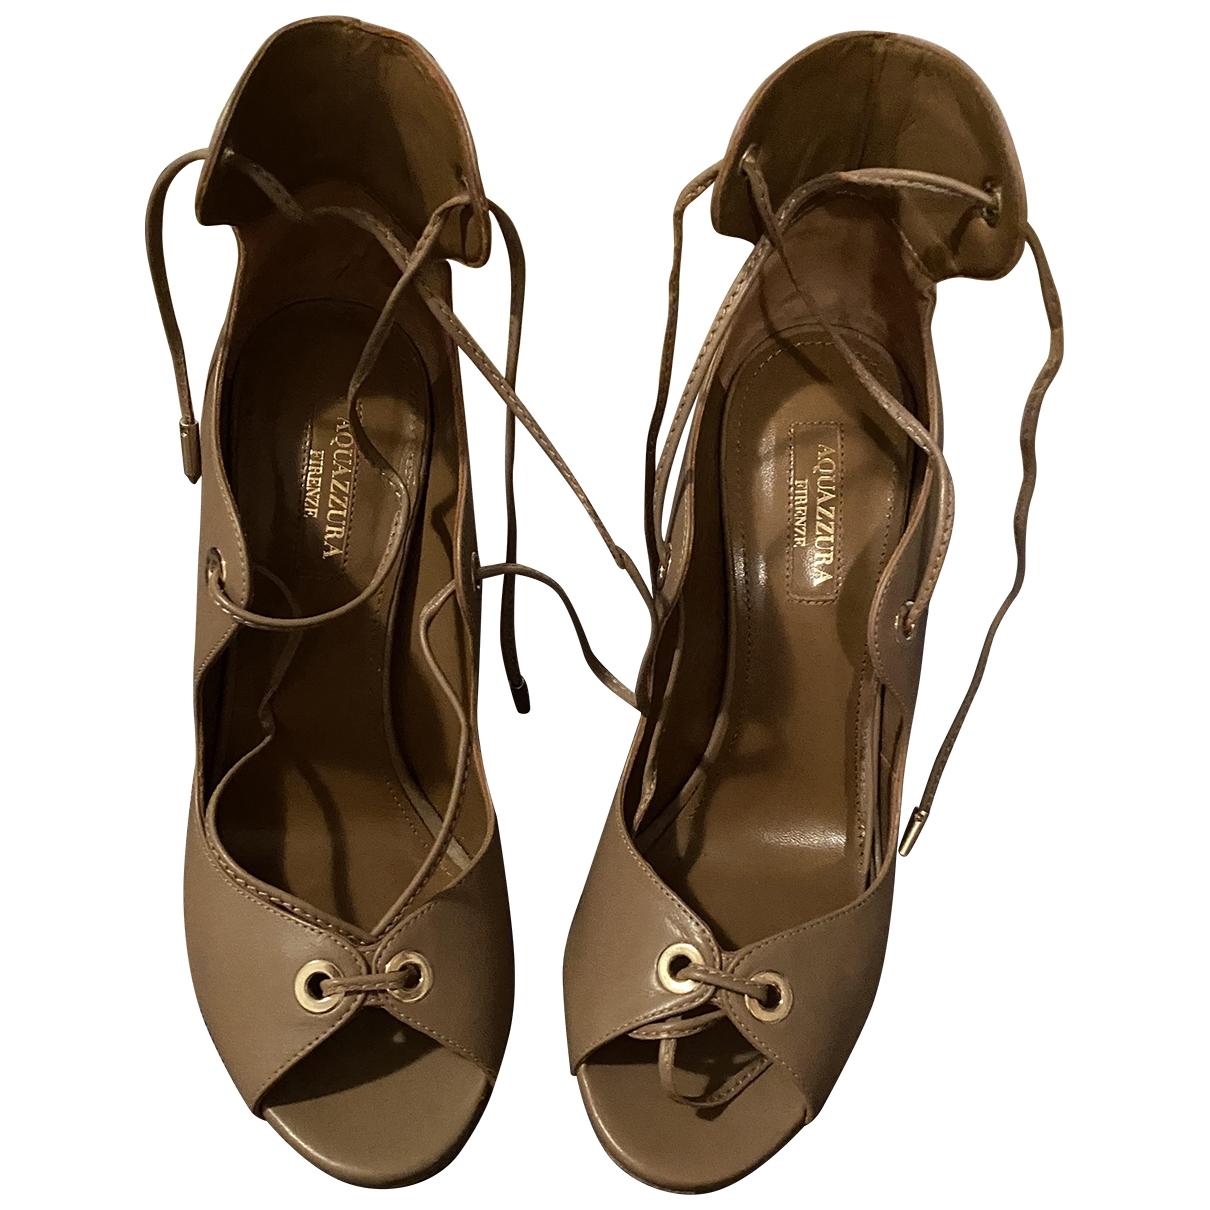 Aquazzura - Sandales   pour femme en cuir - camel